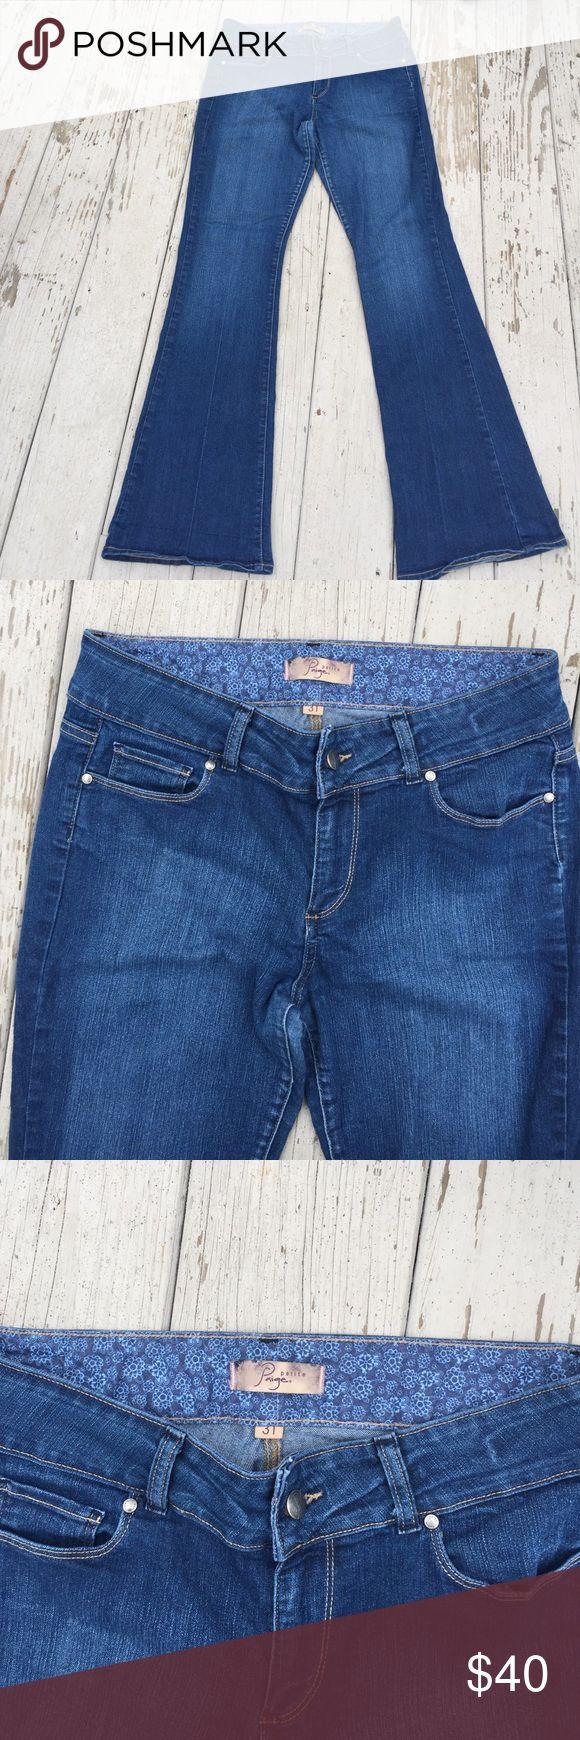 """Paige Jeans Holly Petite 31 Paige Jeans Holly Petite, five pockets, size 31, cut, inseam 31"""", rise 9 1/2"""". Paige Jeans Jeans Boot Cut"""